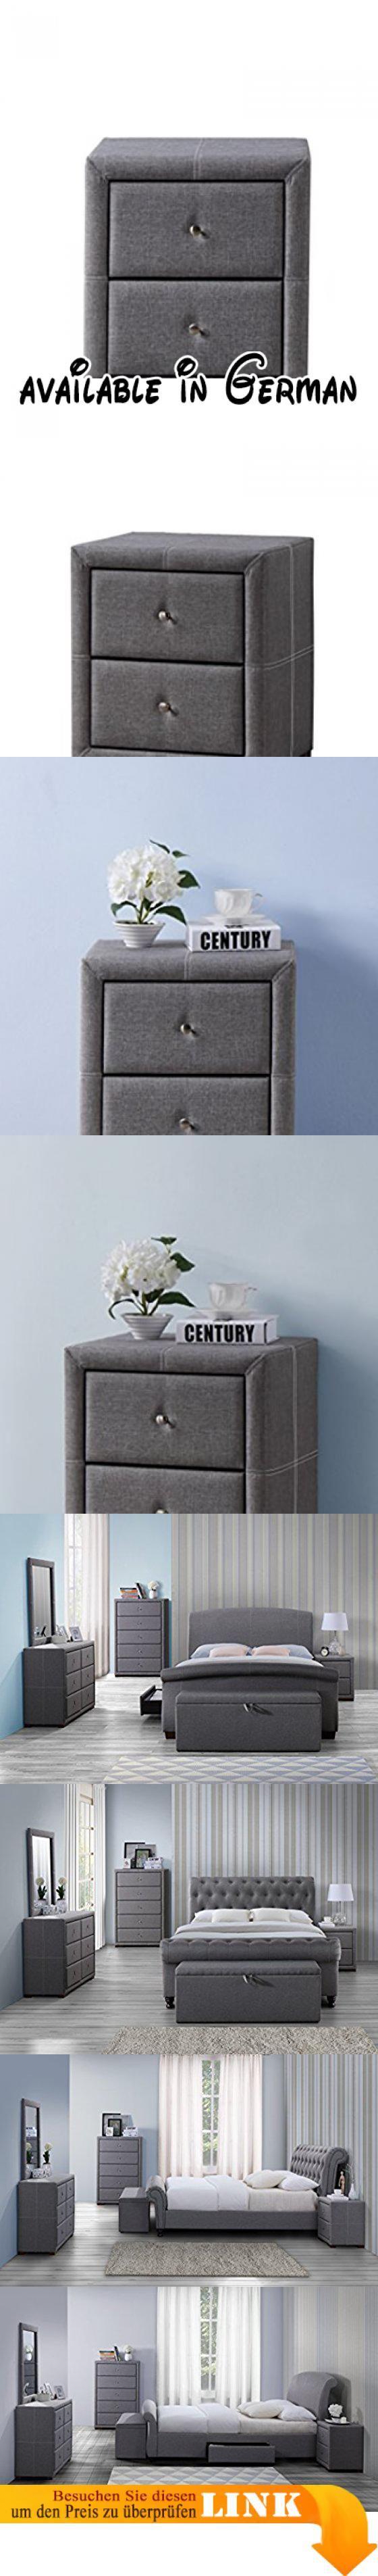 Elegant Best Bdvii Birlea Sorrento Nachttisch Mit Grau Stoff Moderne Und  Stilvolle Mbel Serie Dieser Bereich Verfgt With Graue Nachttische